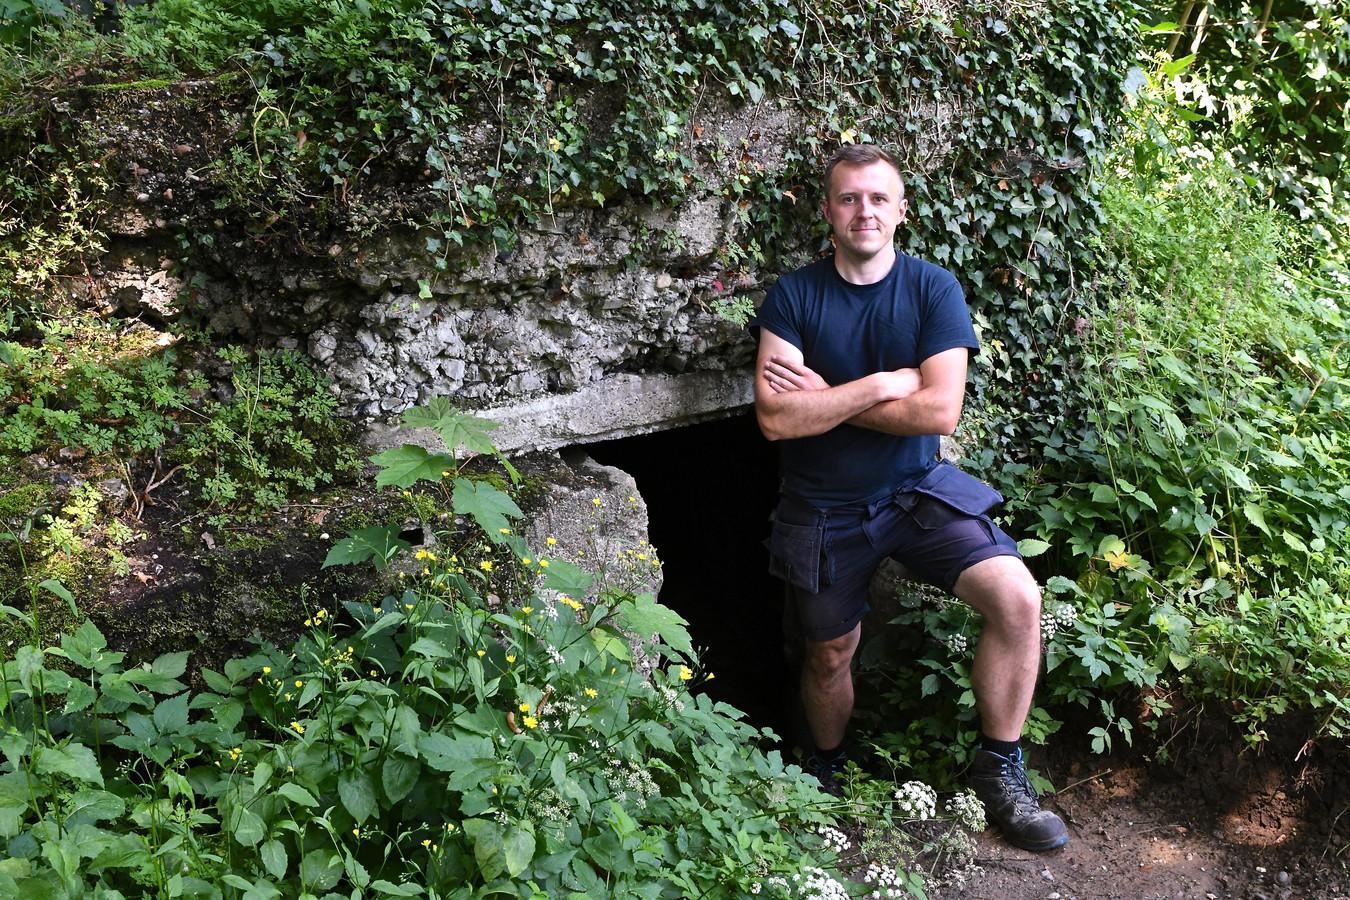 Tijdens de herfst zal het mogelijk zijn om er te eten in een …bunker uit de Eerste Wereldoorlog.